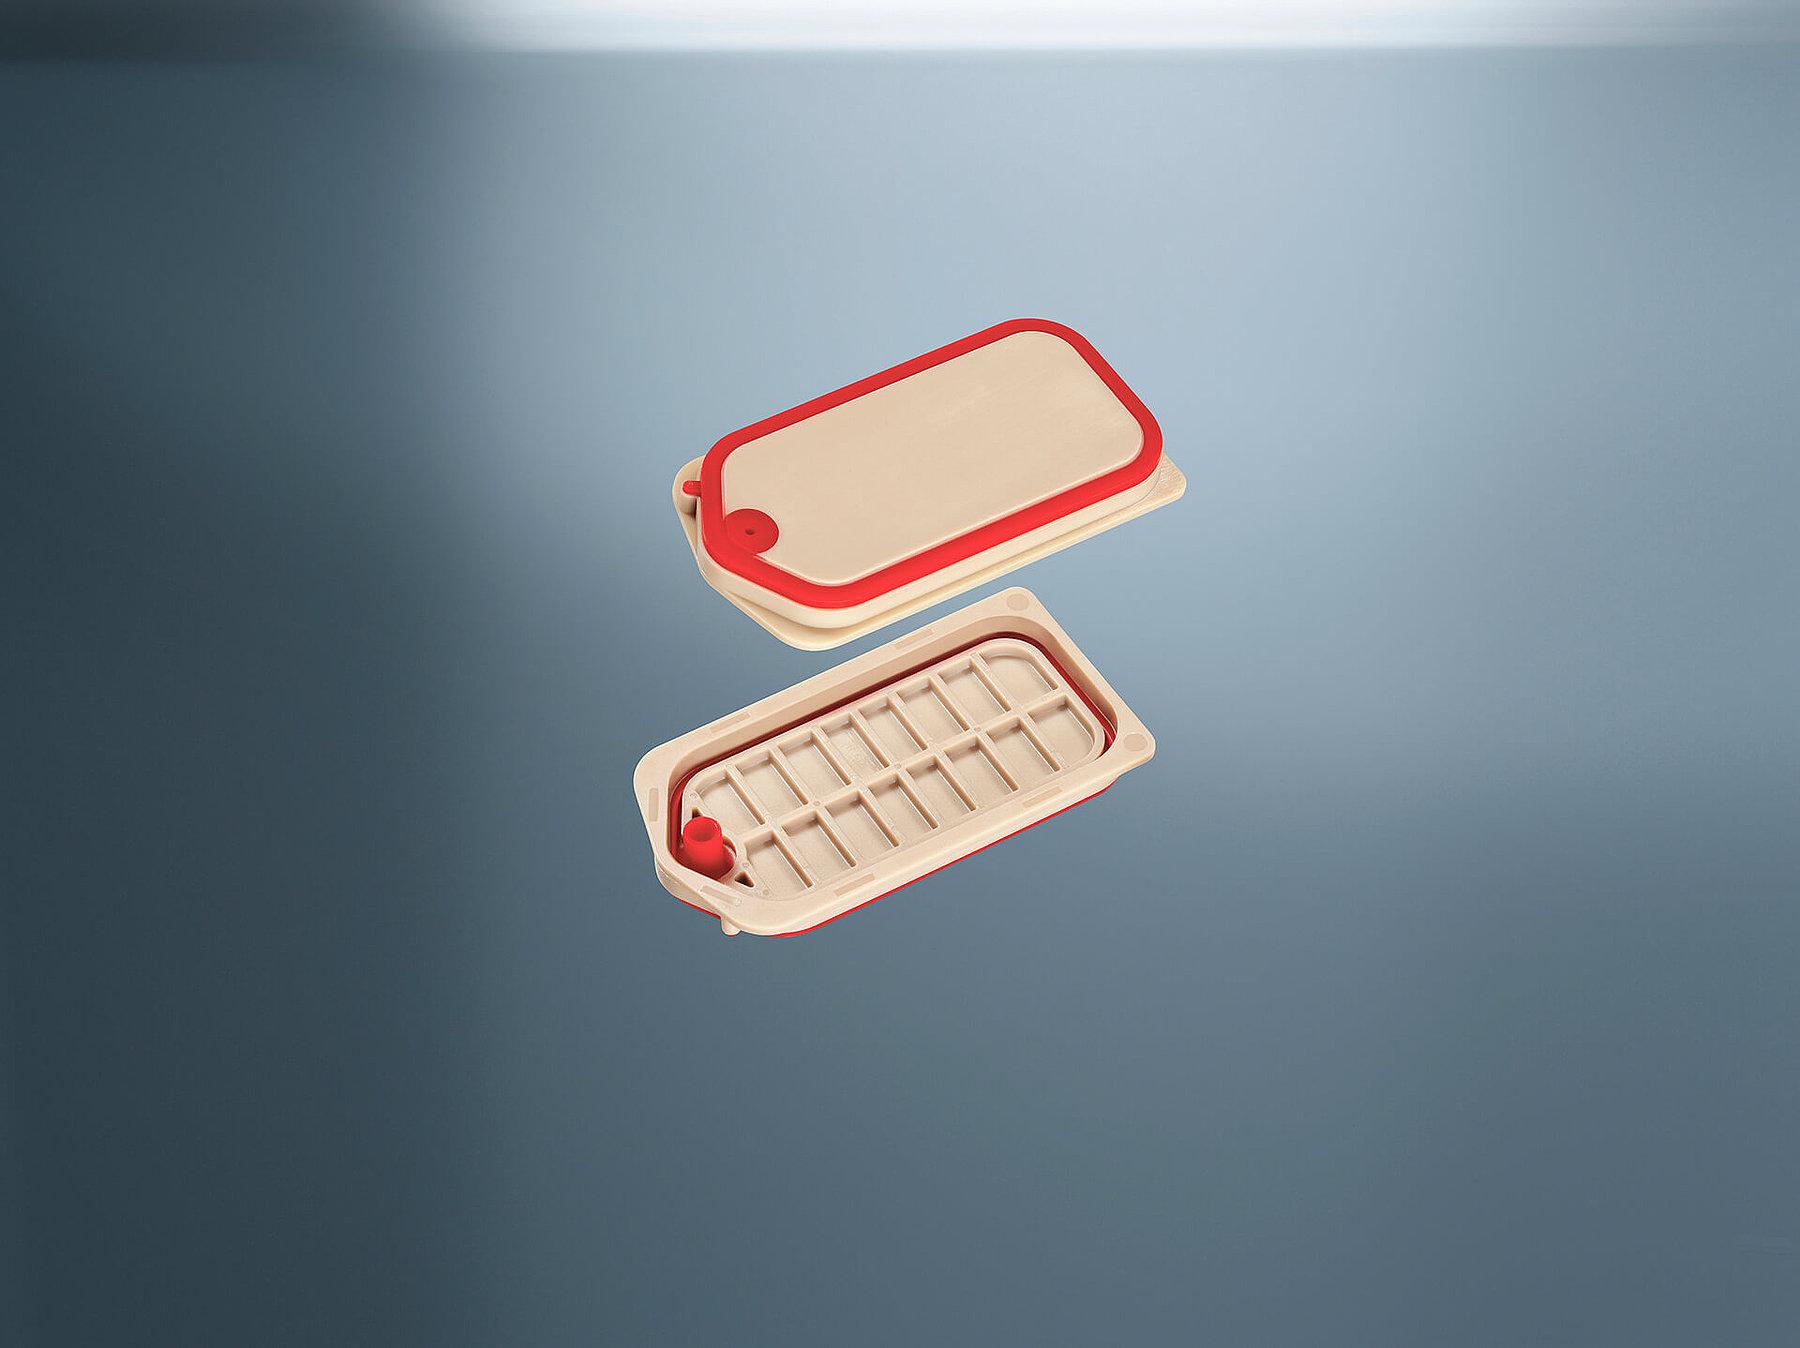 Bei der 2K-Spritzgusstechnologie wird ein Vorspritzling, welcher aus Silikon oder Thermoplast bestehen kann, unter Verwendung von Flüssigsilikon umspritzt